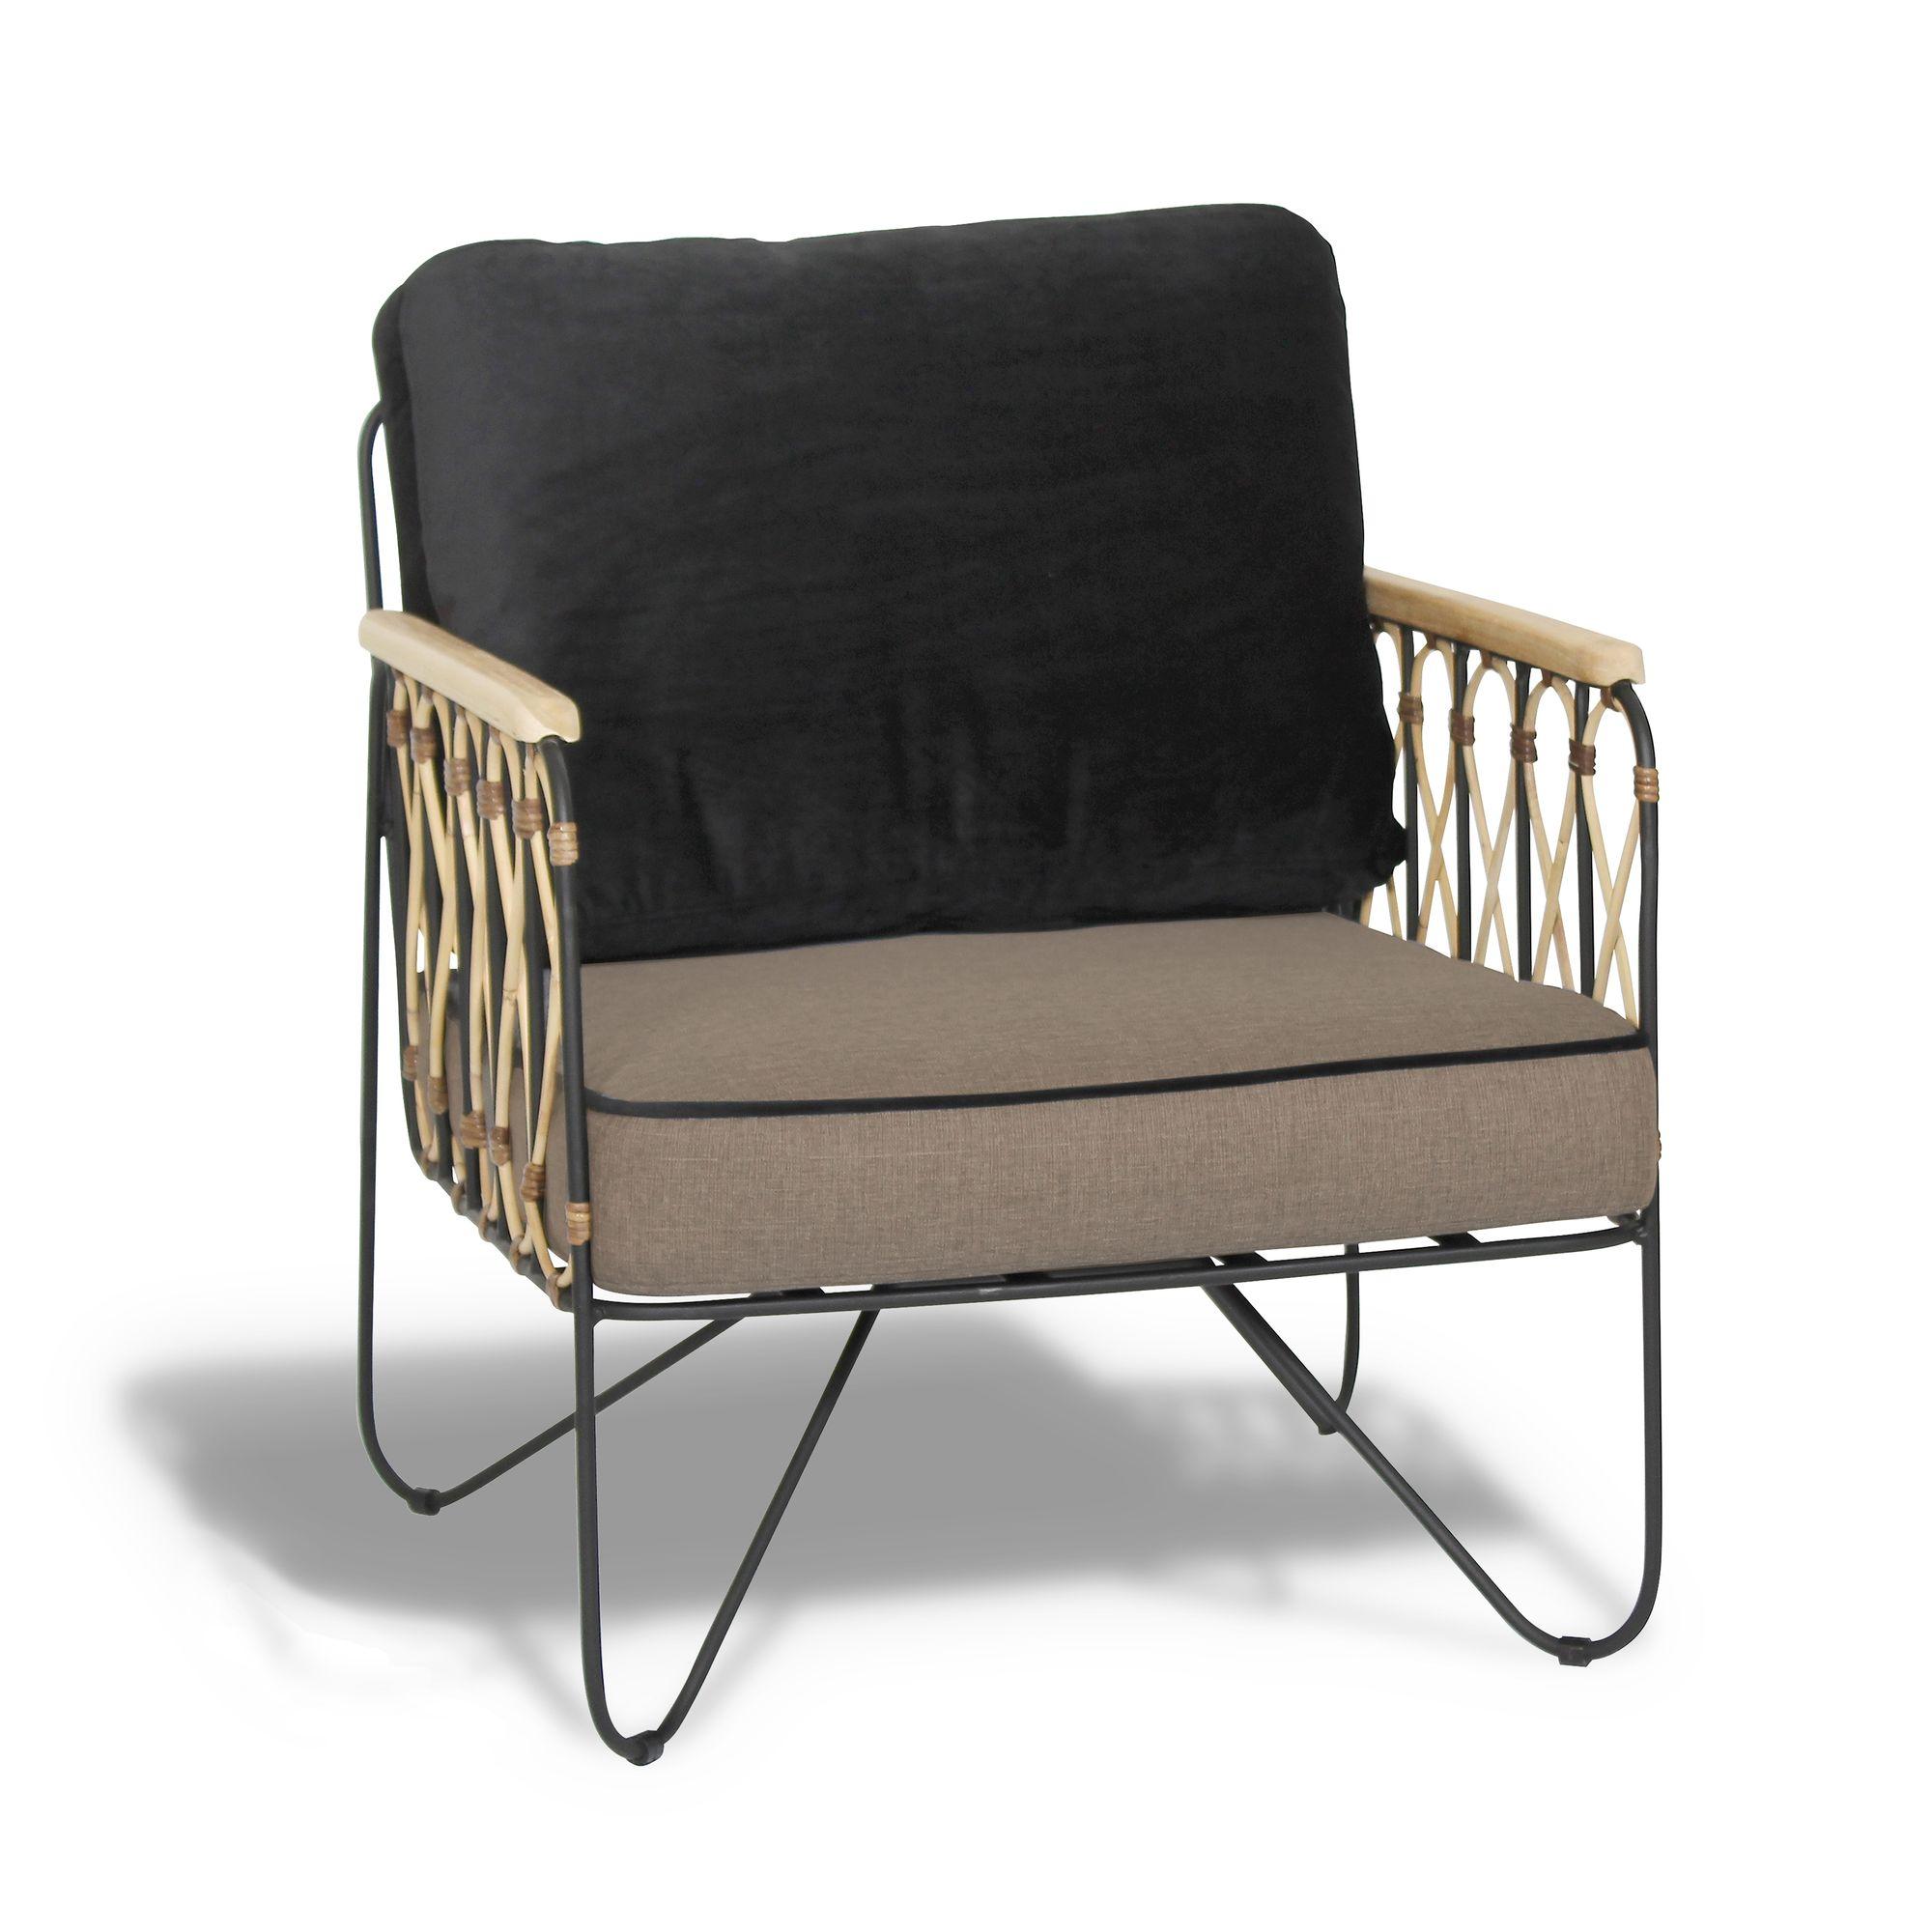 Fauteuil en velours noir et gris structure en métal et rotin